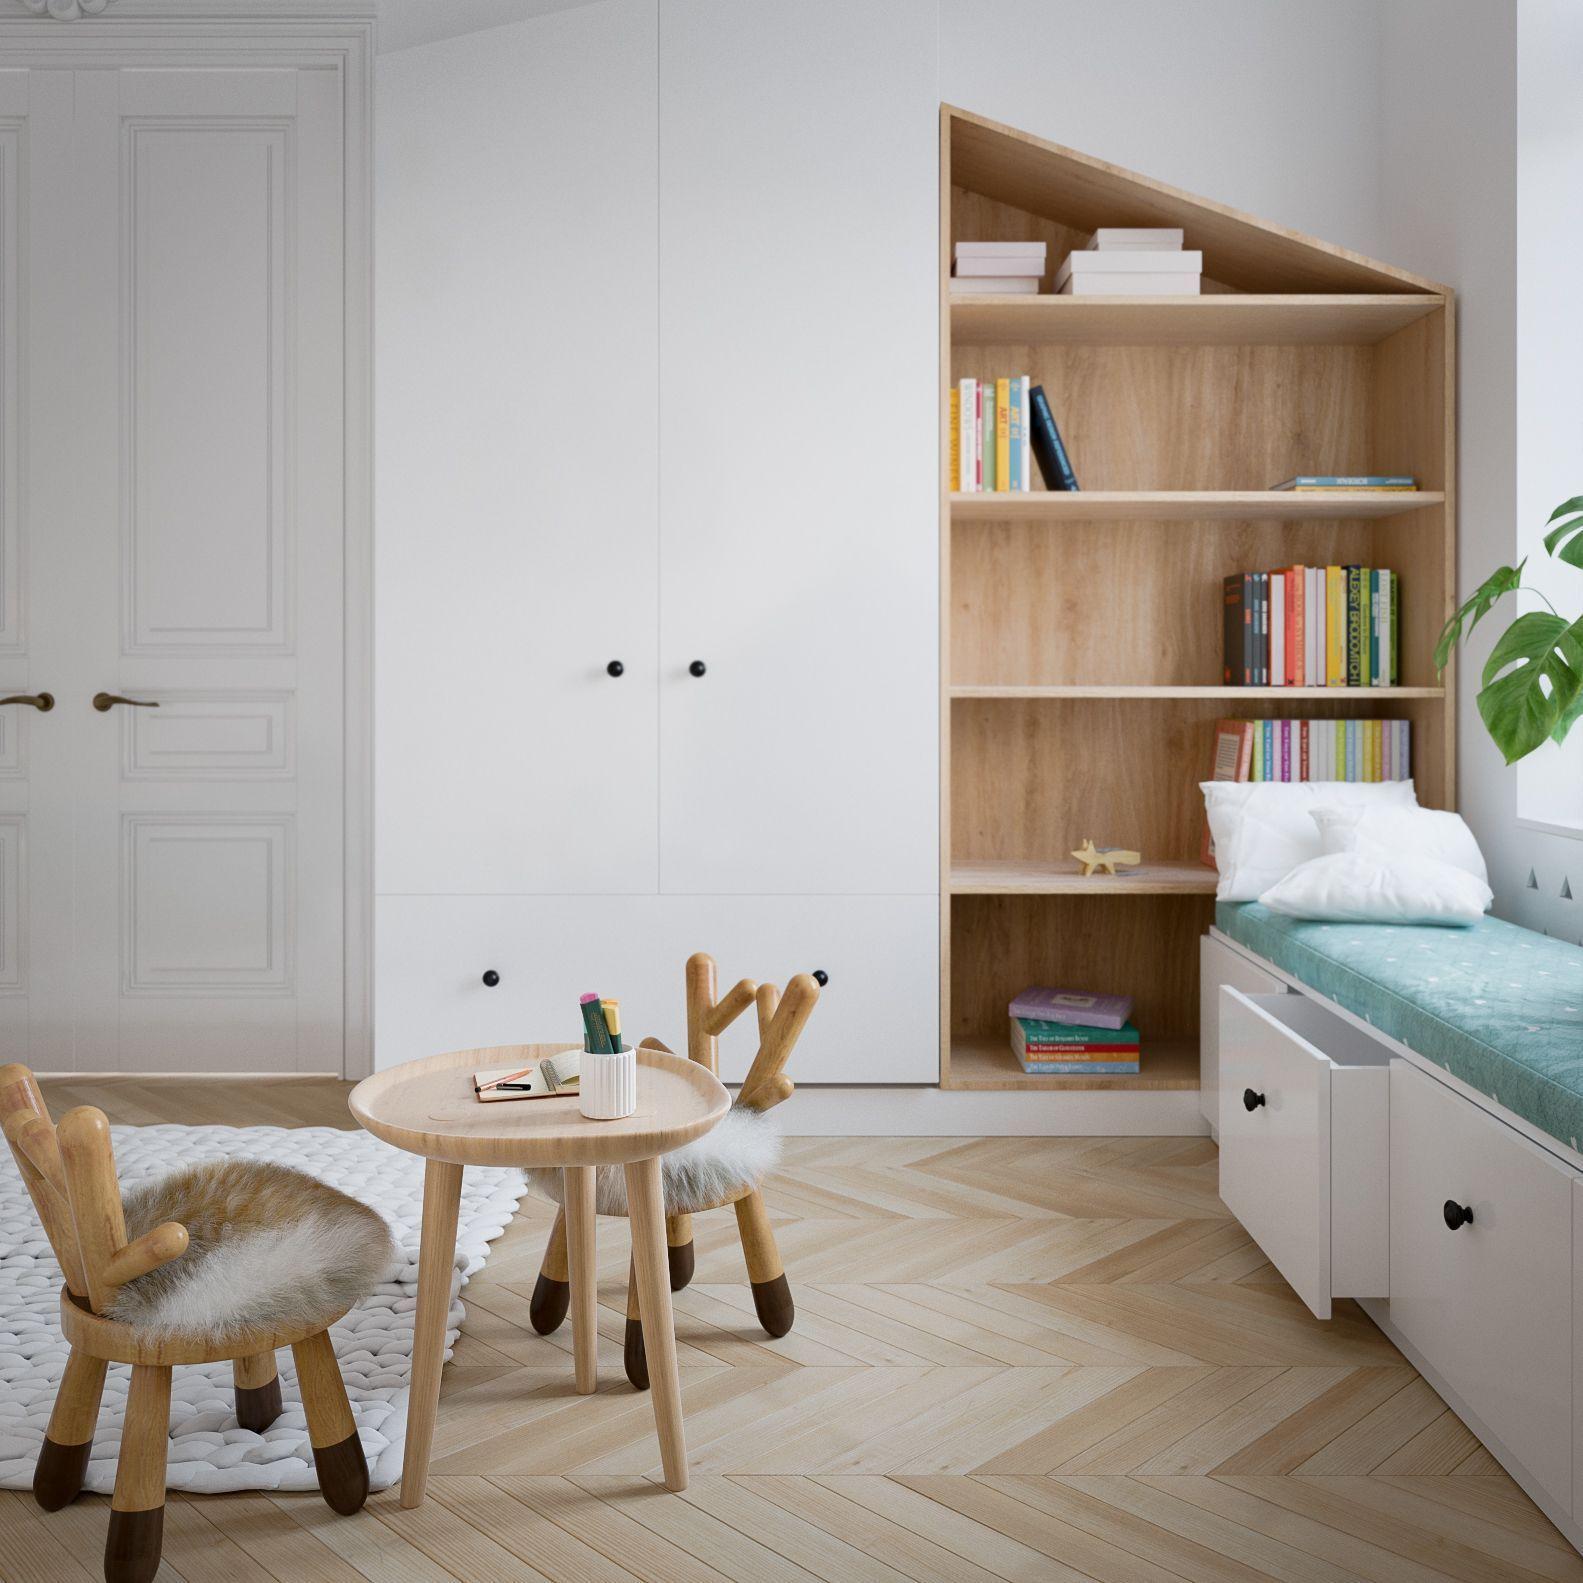 Modern Scandinavian Style Home Design For Young Families 2 Examples Casas Decoracion De Unas Apartamentos